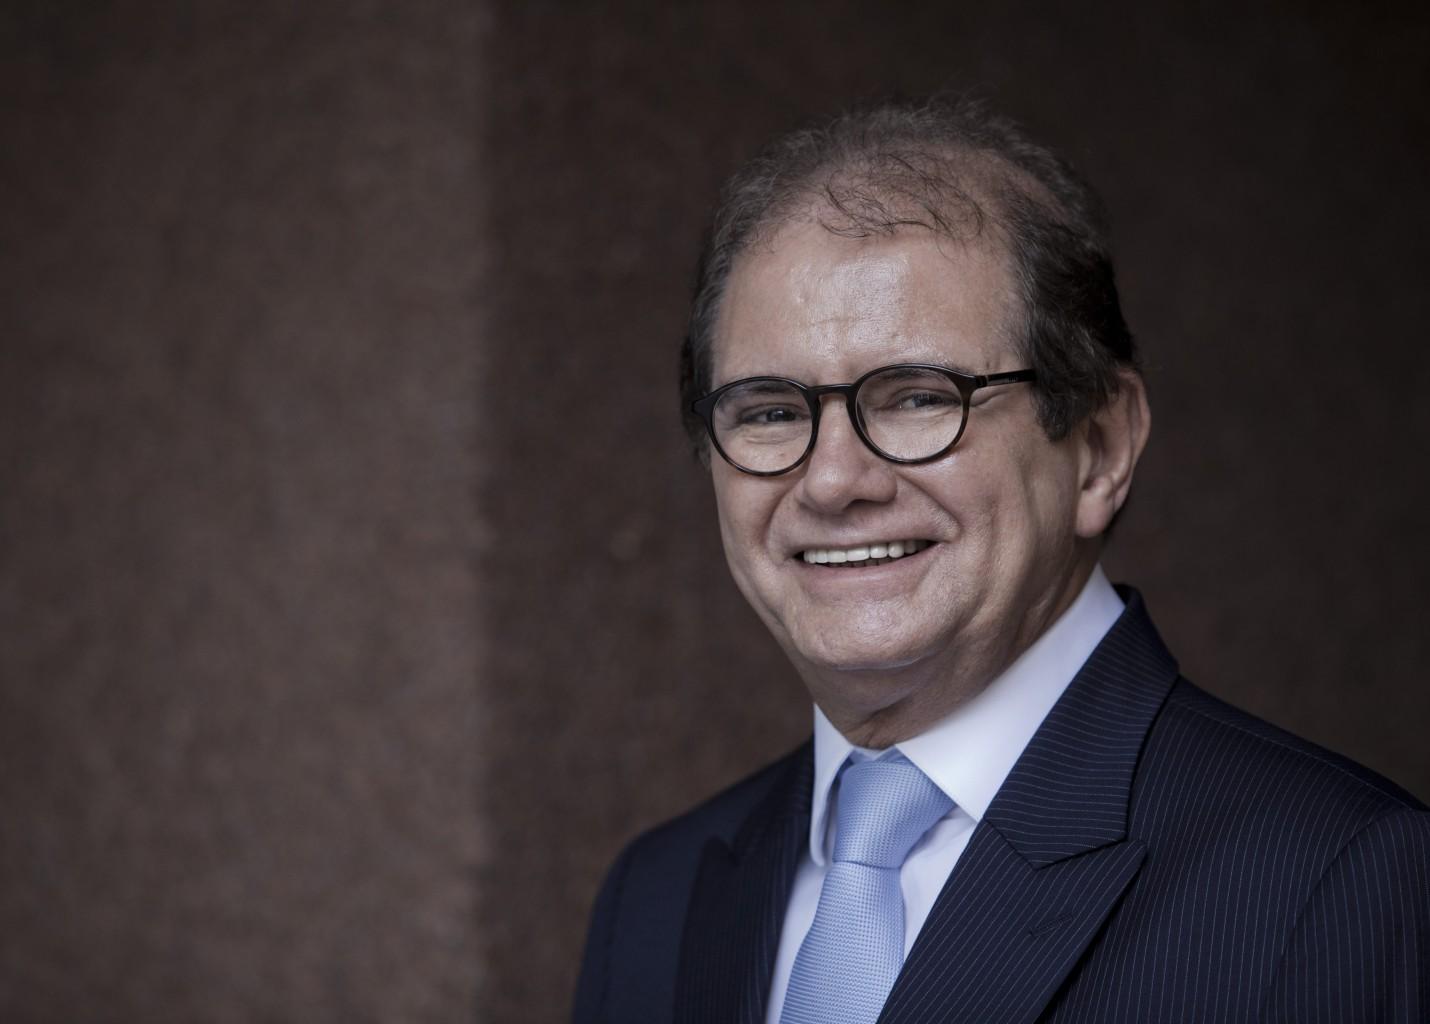 GJP confirma hotel no Beto Carrero; saiba mais